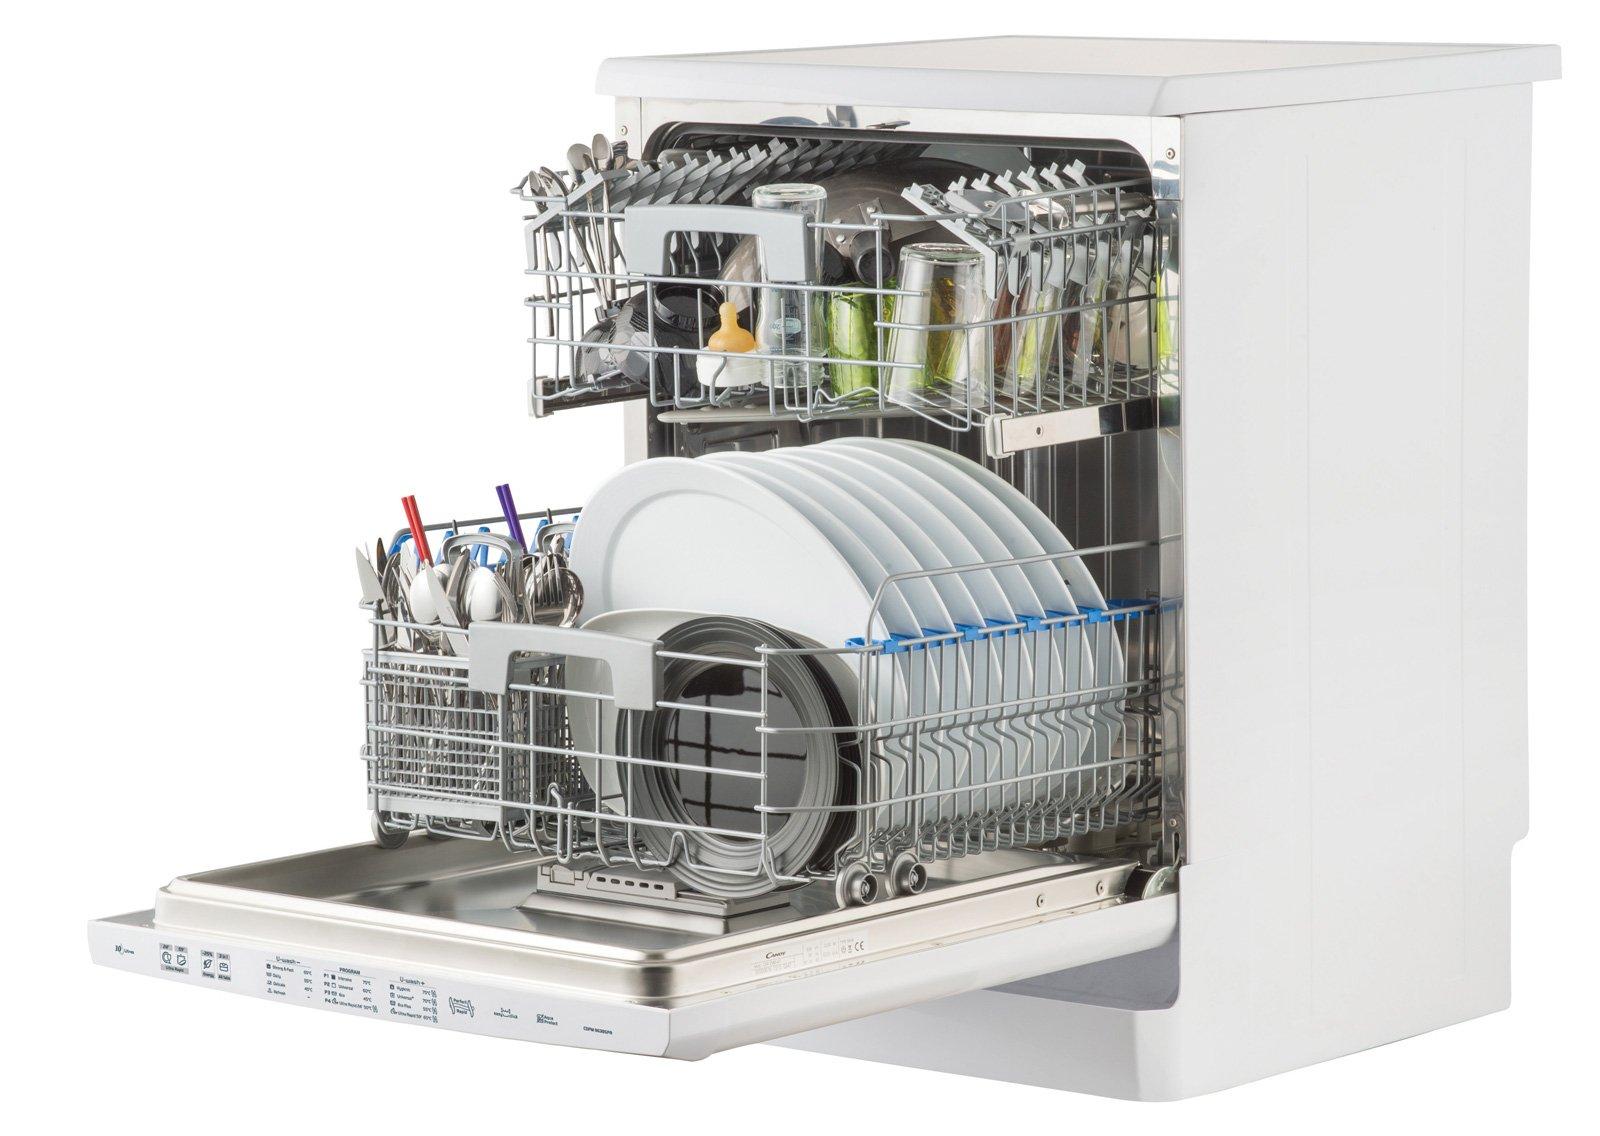 Lavastoviglie perfezioniste cose di casa - Porta per lavastoviglie da incasso ...